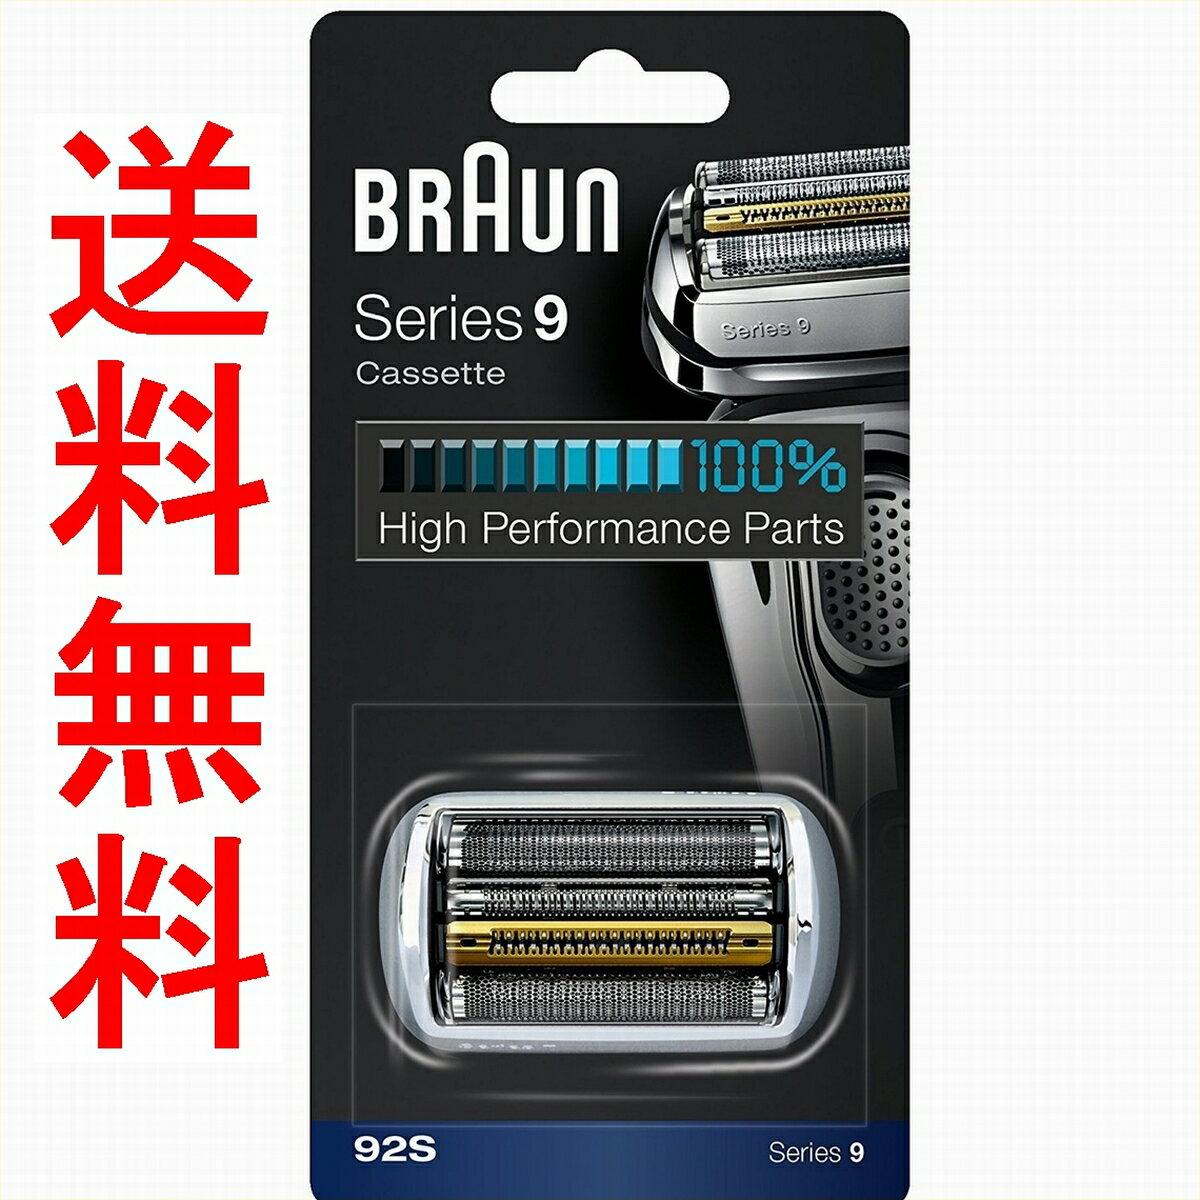 ブラウン 替刃 シリーズ9 92S(F/C90S F/C92S) 網刃・内刃一体型カセット シルバー 並行輸入品 コンビニ決済、後払い決済不可